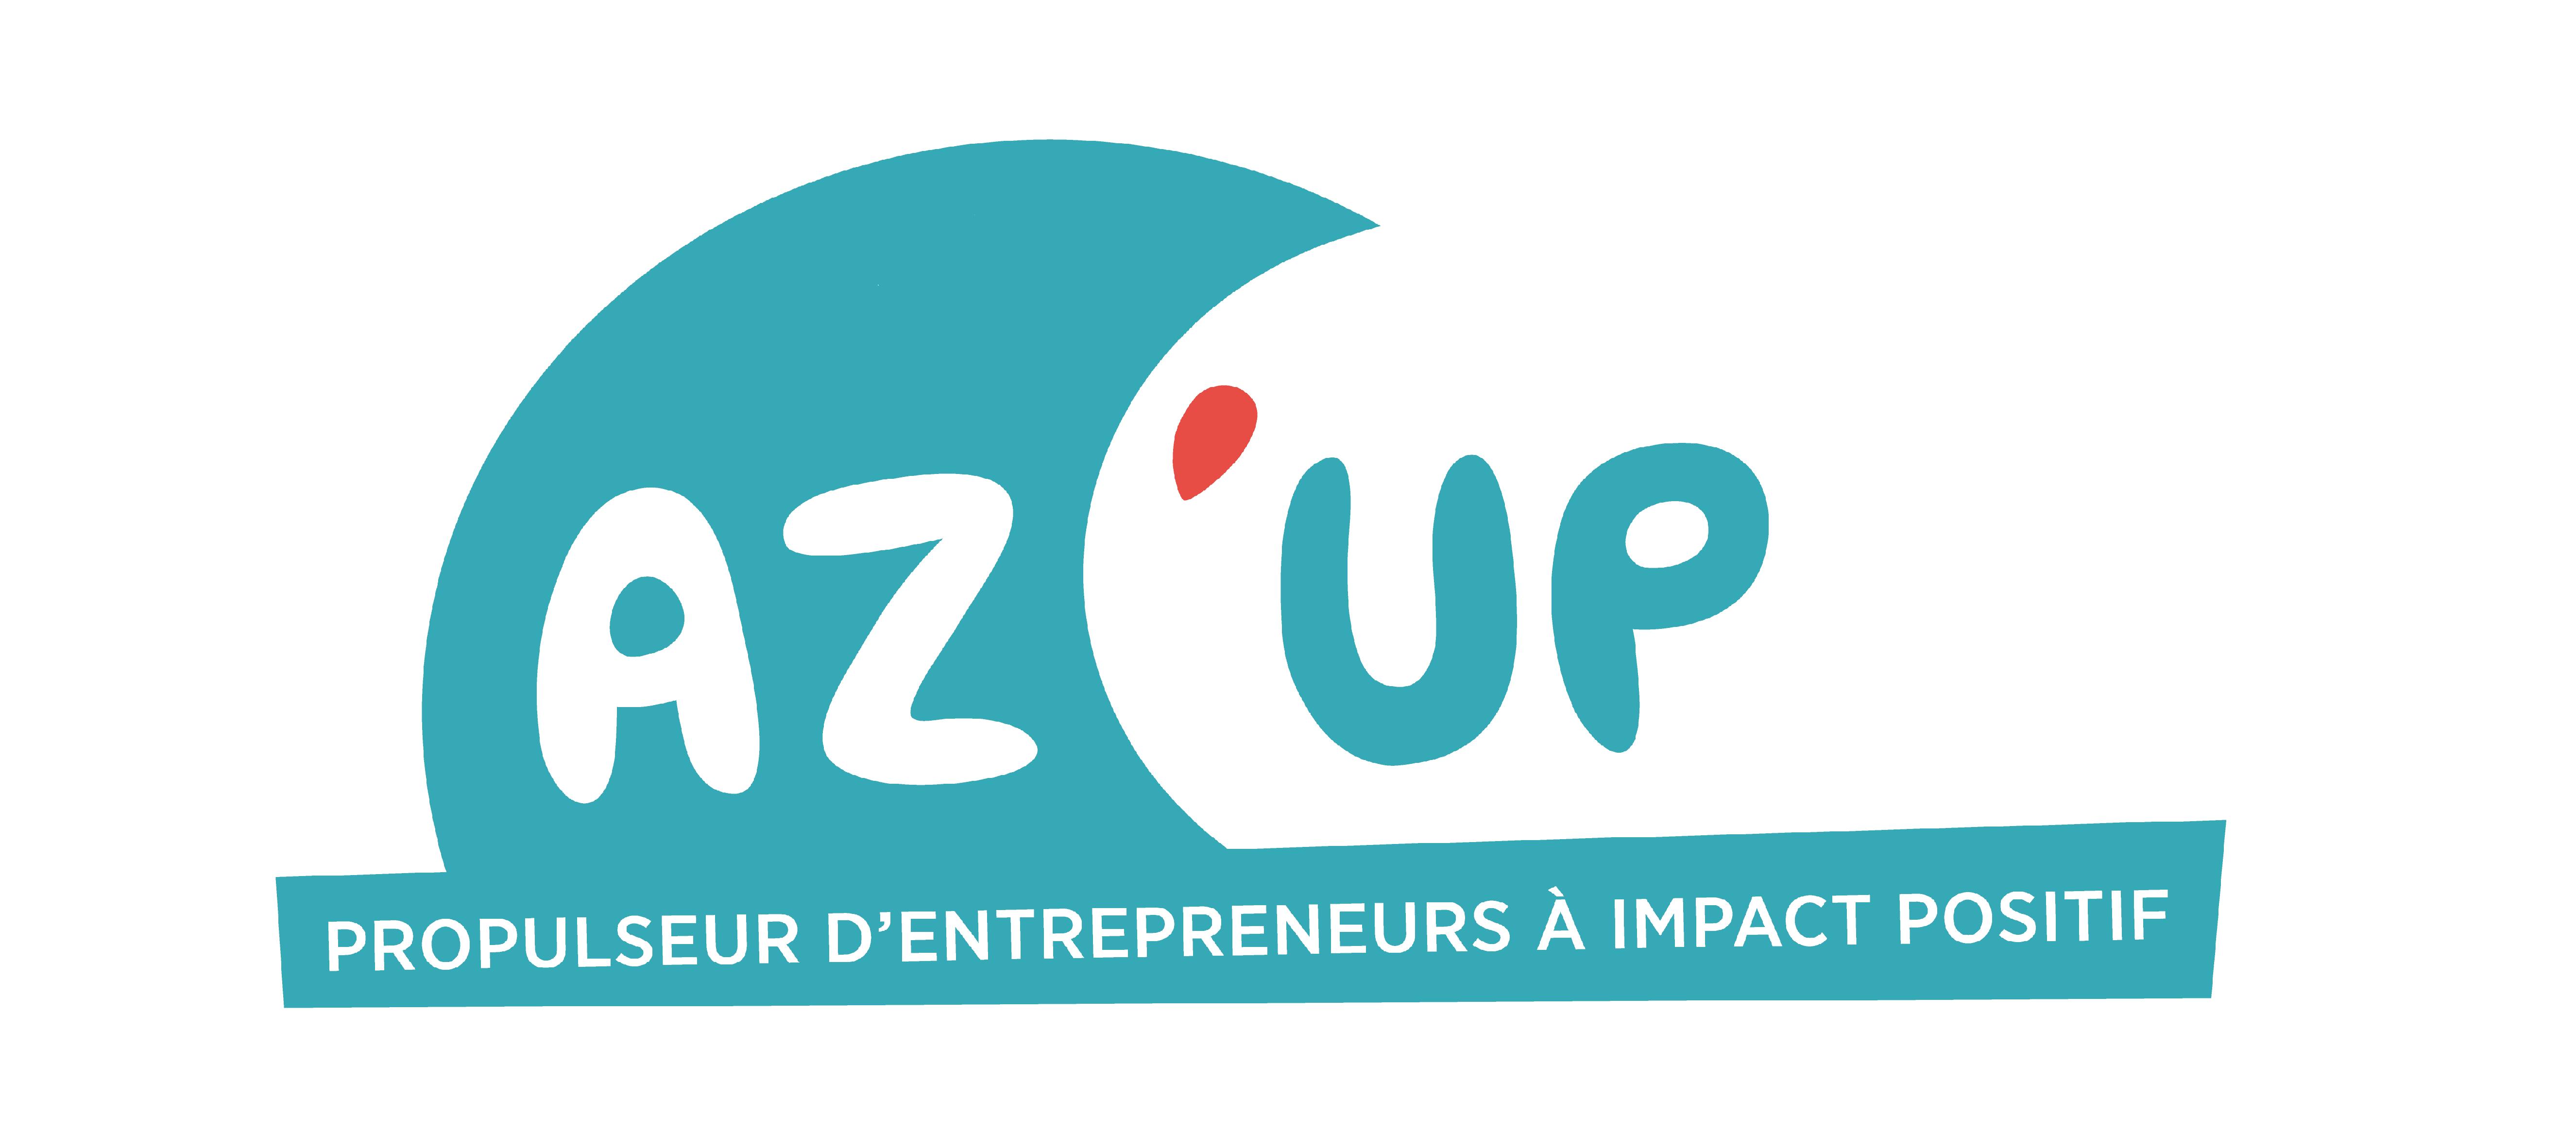 Az'UP – propulseur d'entrepreneurs à impact positif